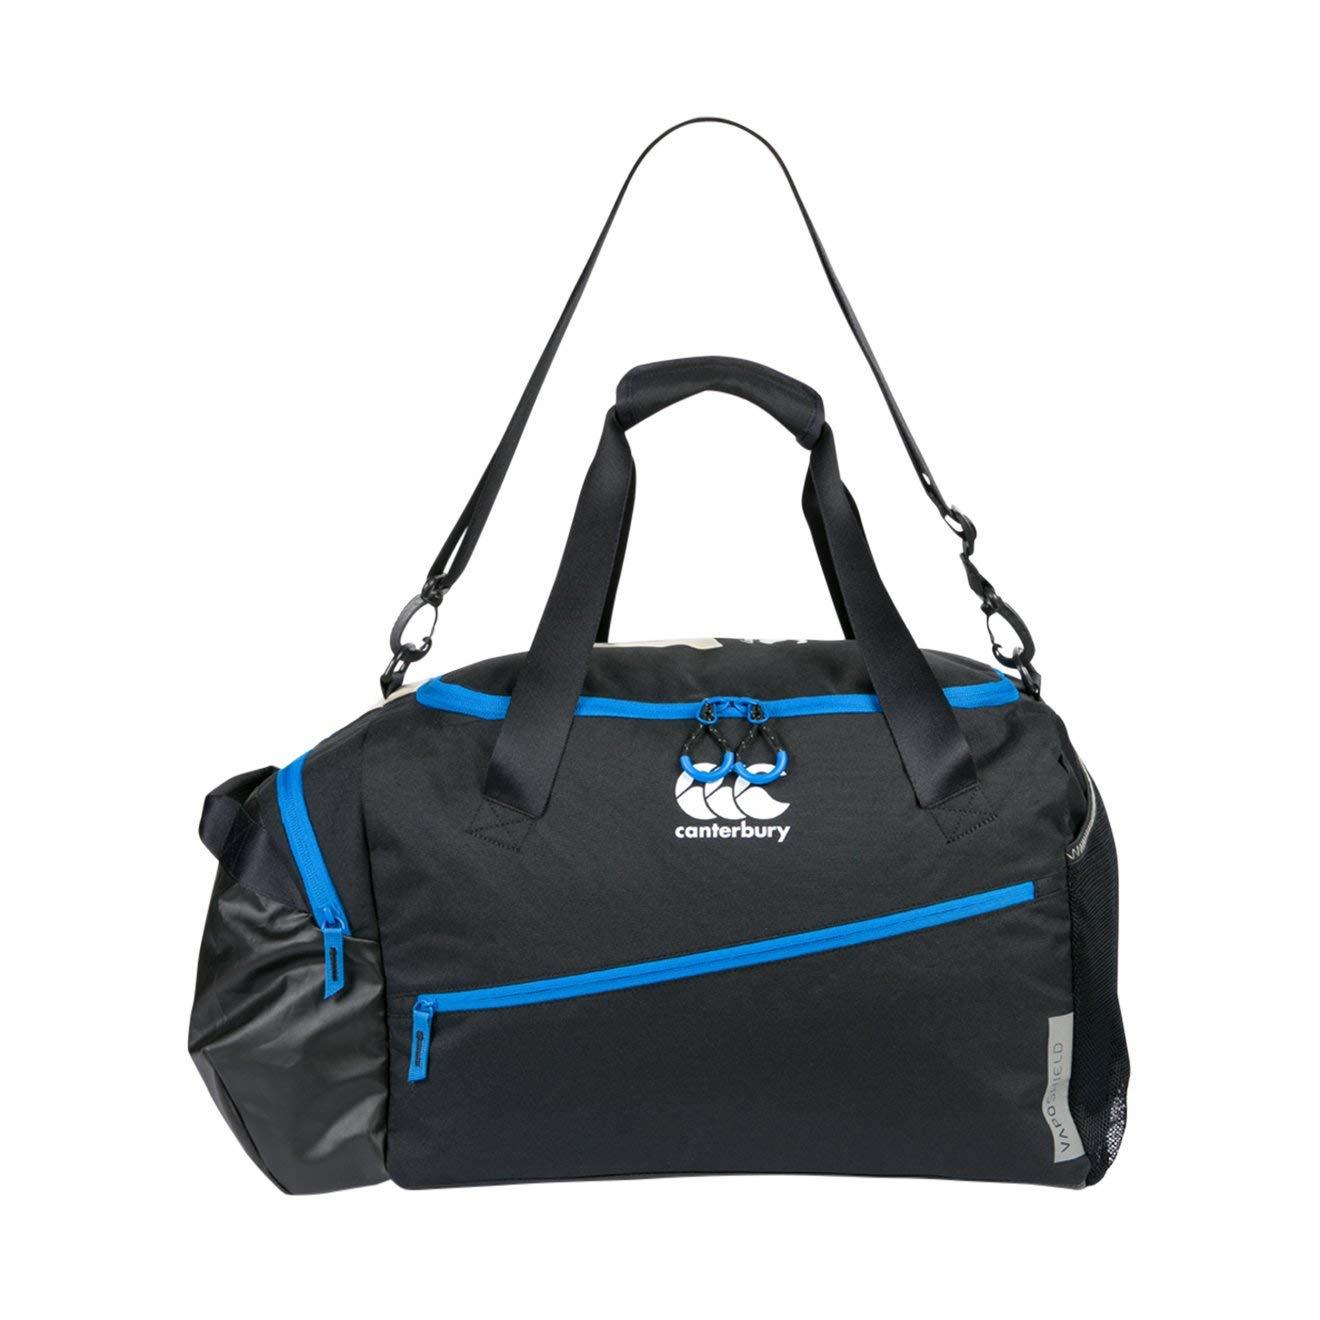 abdbcfa7c57e Get Quotations · Canterbury 2018-2019 England Rugby Medium Sports Bag  (Anthracite)